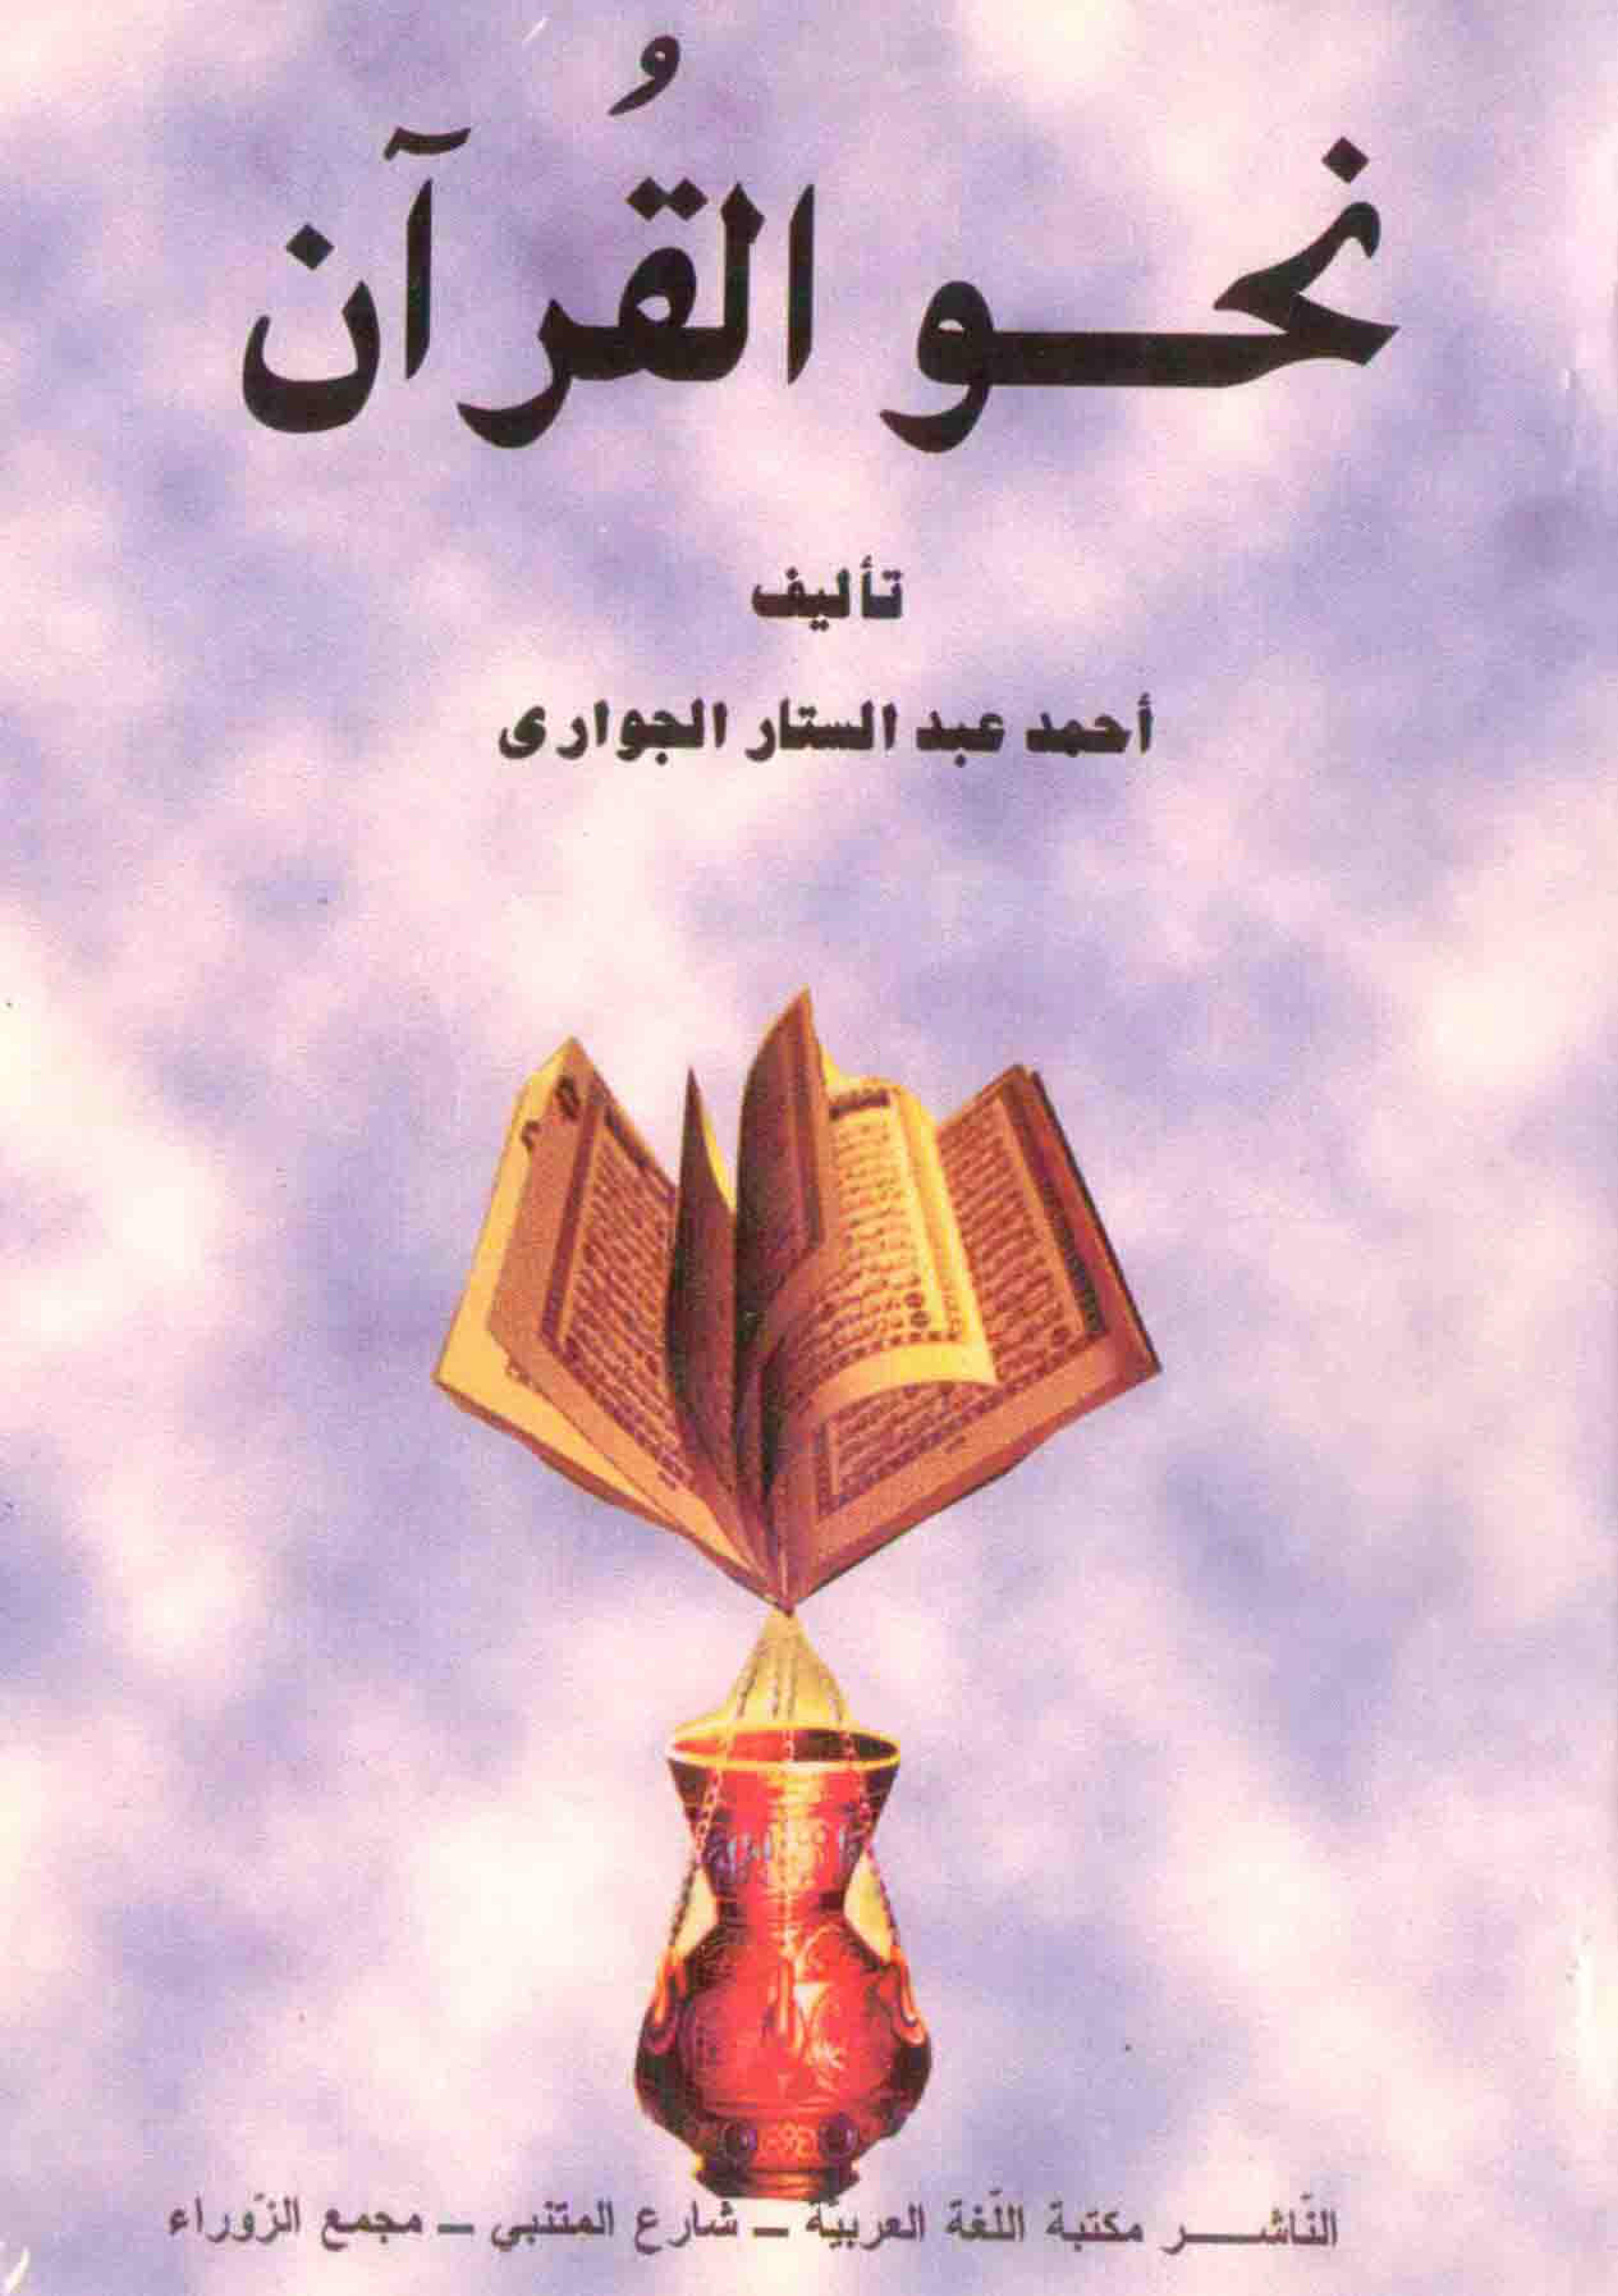 تحميل كتاب نحو القرآن لـِ: الدكتور أحمد عبد الستار الجواري (ت 1408)